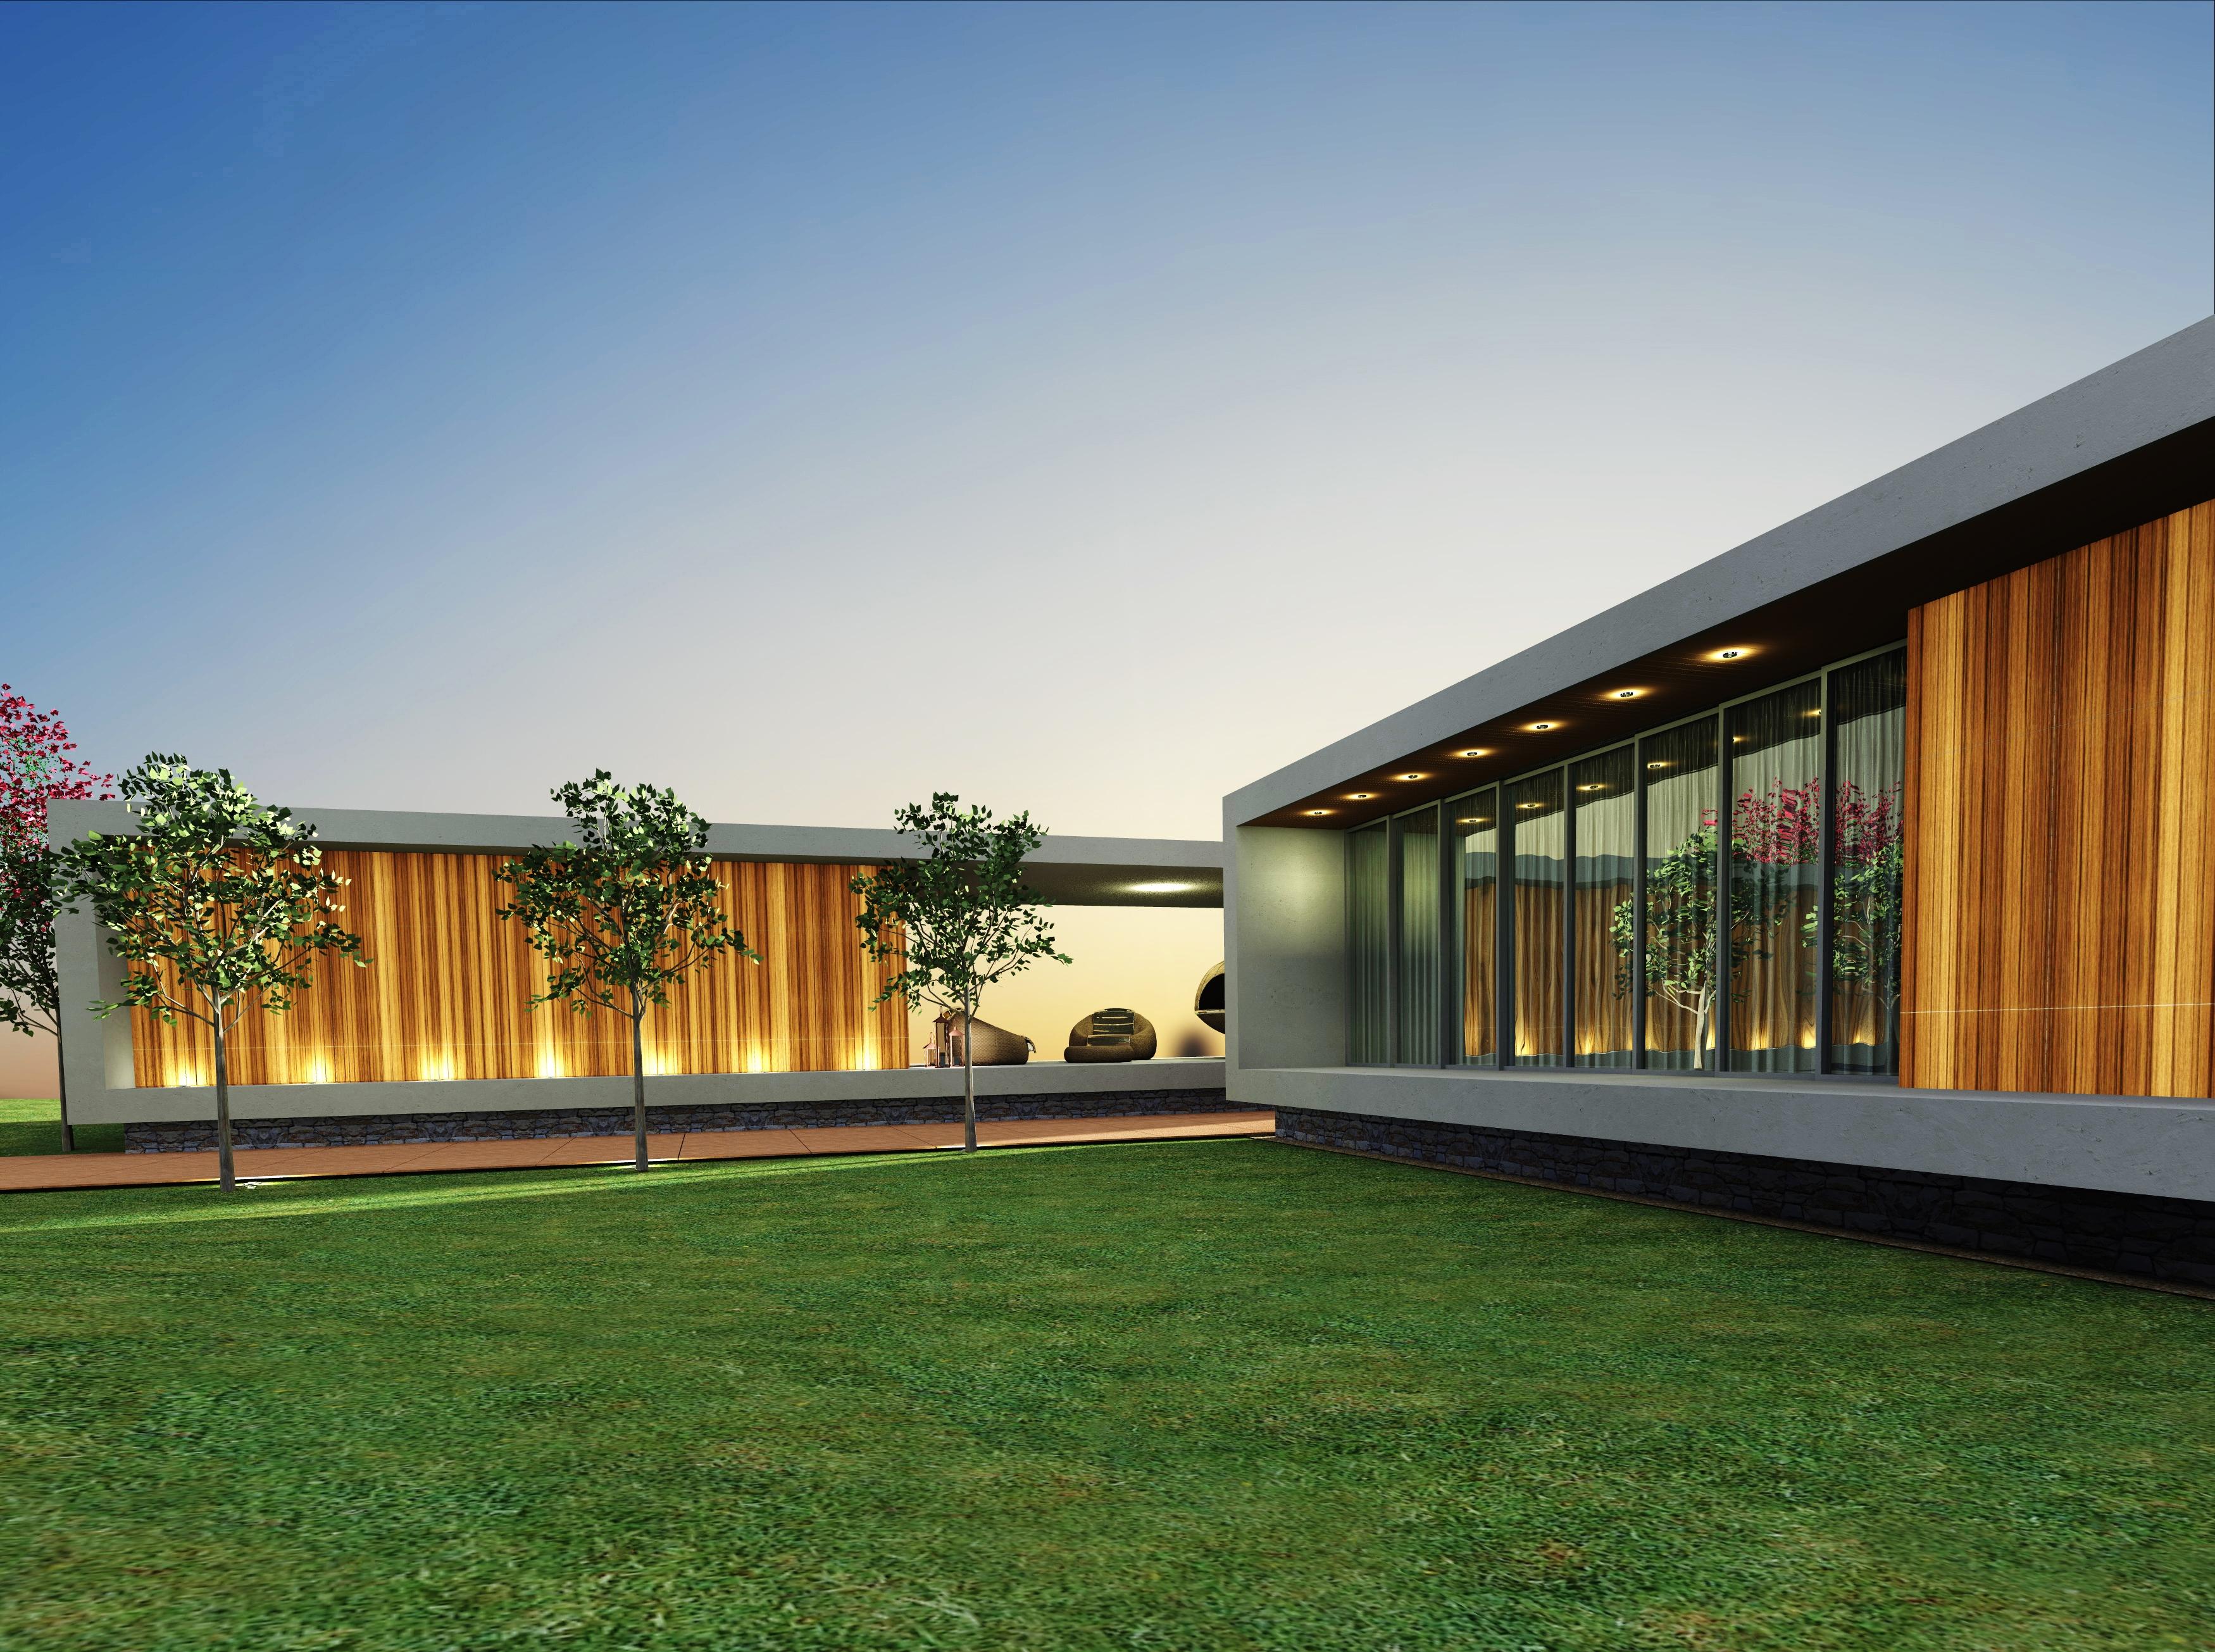 Casa das bra nas casa de campo com arquitetura contempor nea for Casa contemporanea